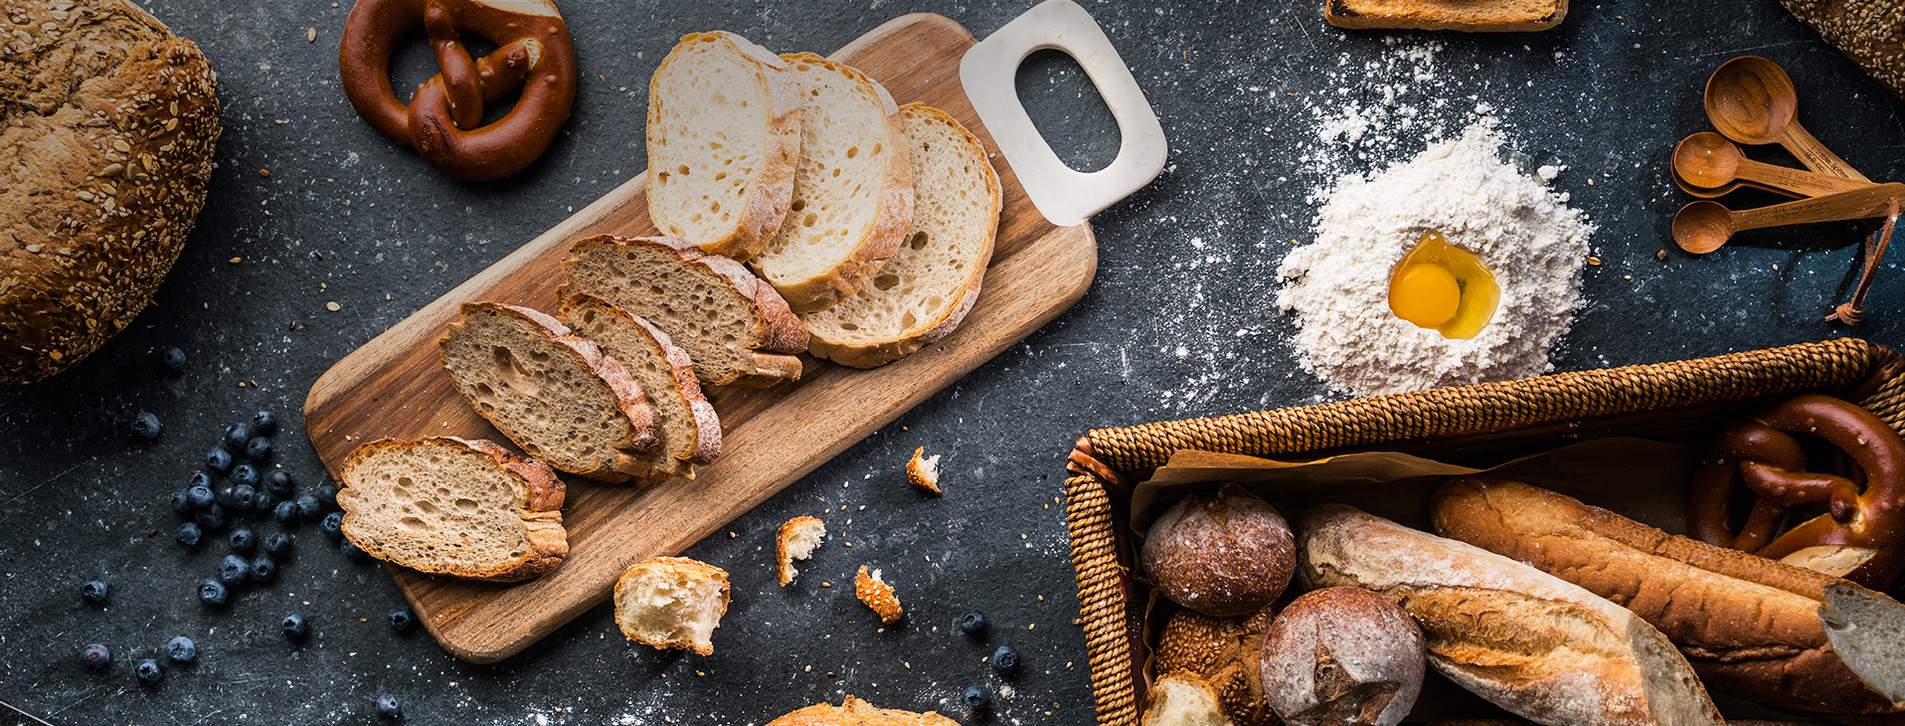 Фото 1 - Мастер-класс выпечки хлеба для компании